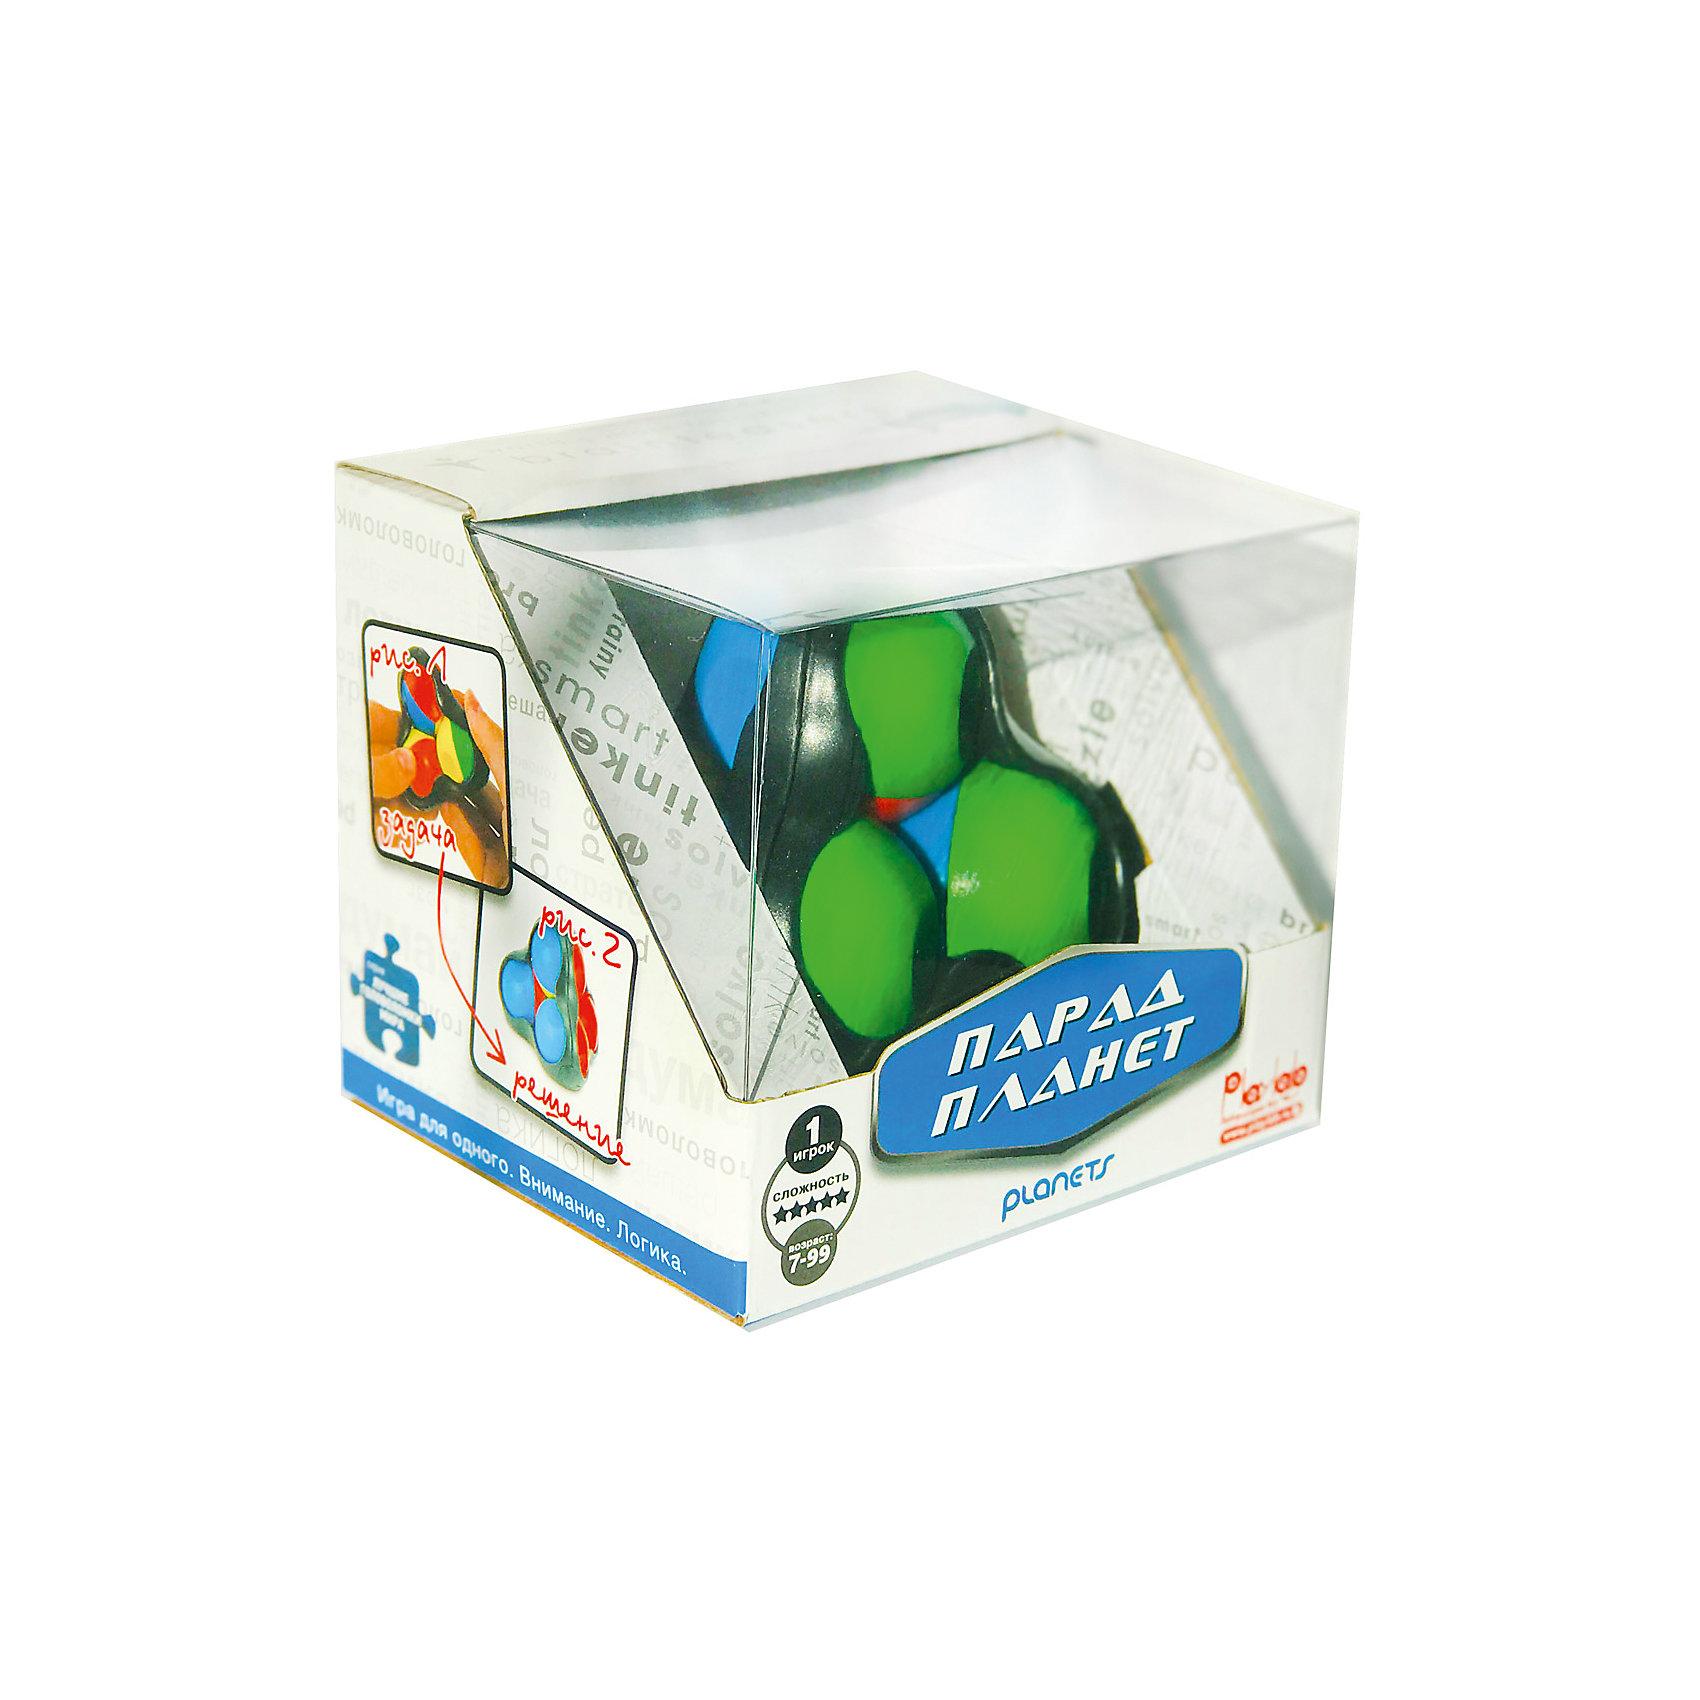 Головоломка Recent Toys Парад ПланетОбъёмные головоломки<br>Характеристики:<br><br>• возраст: от 7 лет;<br>• сложность игры: средний уровень;<br>• материал: пластик;<br>• количество игроков: 1;<br>• время игры: 30 мин.;<br>• вес упаковки: 310 г.;<br>• диаметр игрушки: 8 см;<br>• тип упаковки: картонная коробка;<br>• размер упаковки: 20х20х10 см.<br><br>Механическая головоломка, придуманная знаменитым изобретателем головоломок Oskar van Deventer. <br><br>Всего в игре 4 шарика, у каждого из которых есть несколько цветных «регионов». На их поверхности расположены выемки-кратеры, которые управляют притяжением. Кратер может заблокировать орбиту соседней планеты и тогда парад планет не состоится. <br><br>Цель игры - собрать одинаковые цвета на каждой из четырех сторон игрушки.       <br><br>Головоломку «Парад планет», Recent Toys можно приобрести в нашем интернет-магазине.<br><br>Ширина мм: 105<br>Глубина мм: 130<br>Высота мм: 110<br>Вес г: 330<br>Возраст от месяцев: 84<br>Возраст до месяцев: 2147483647<br>Пол: Унисекс<br>Возраст: Детский<br>SKU: 7029017